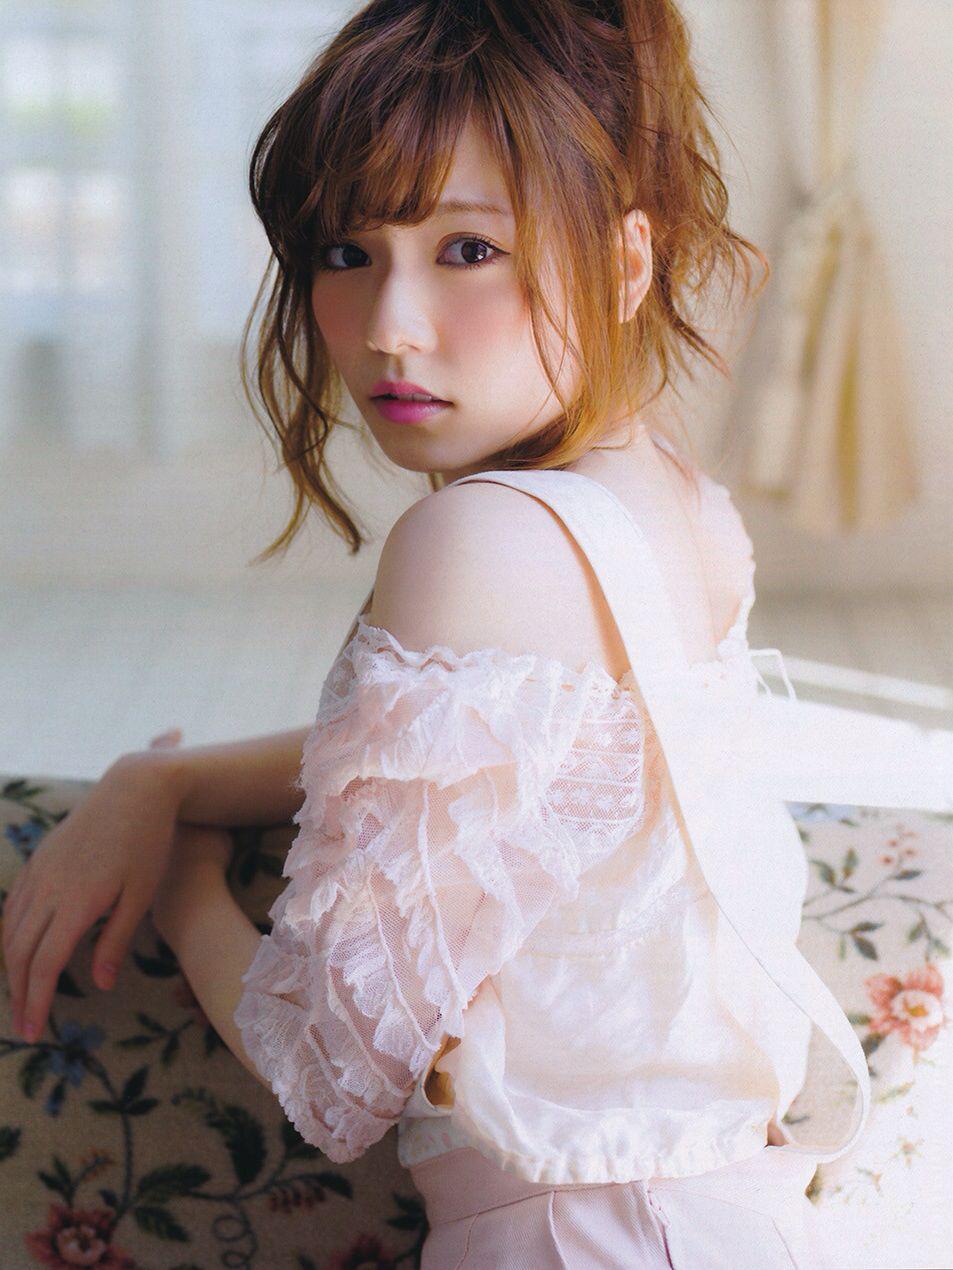 Shimazaki haruka flash special 2014 akb48 36993720 953 1270